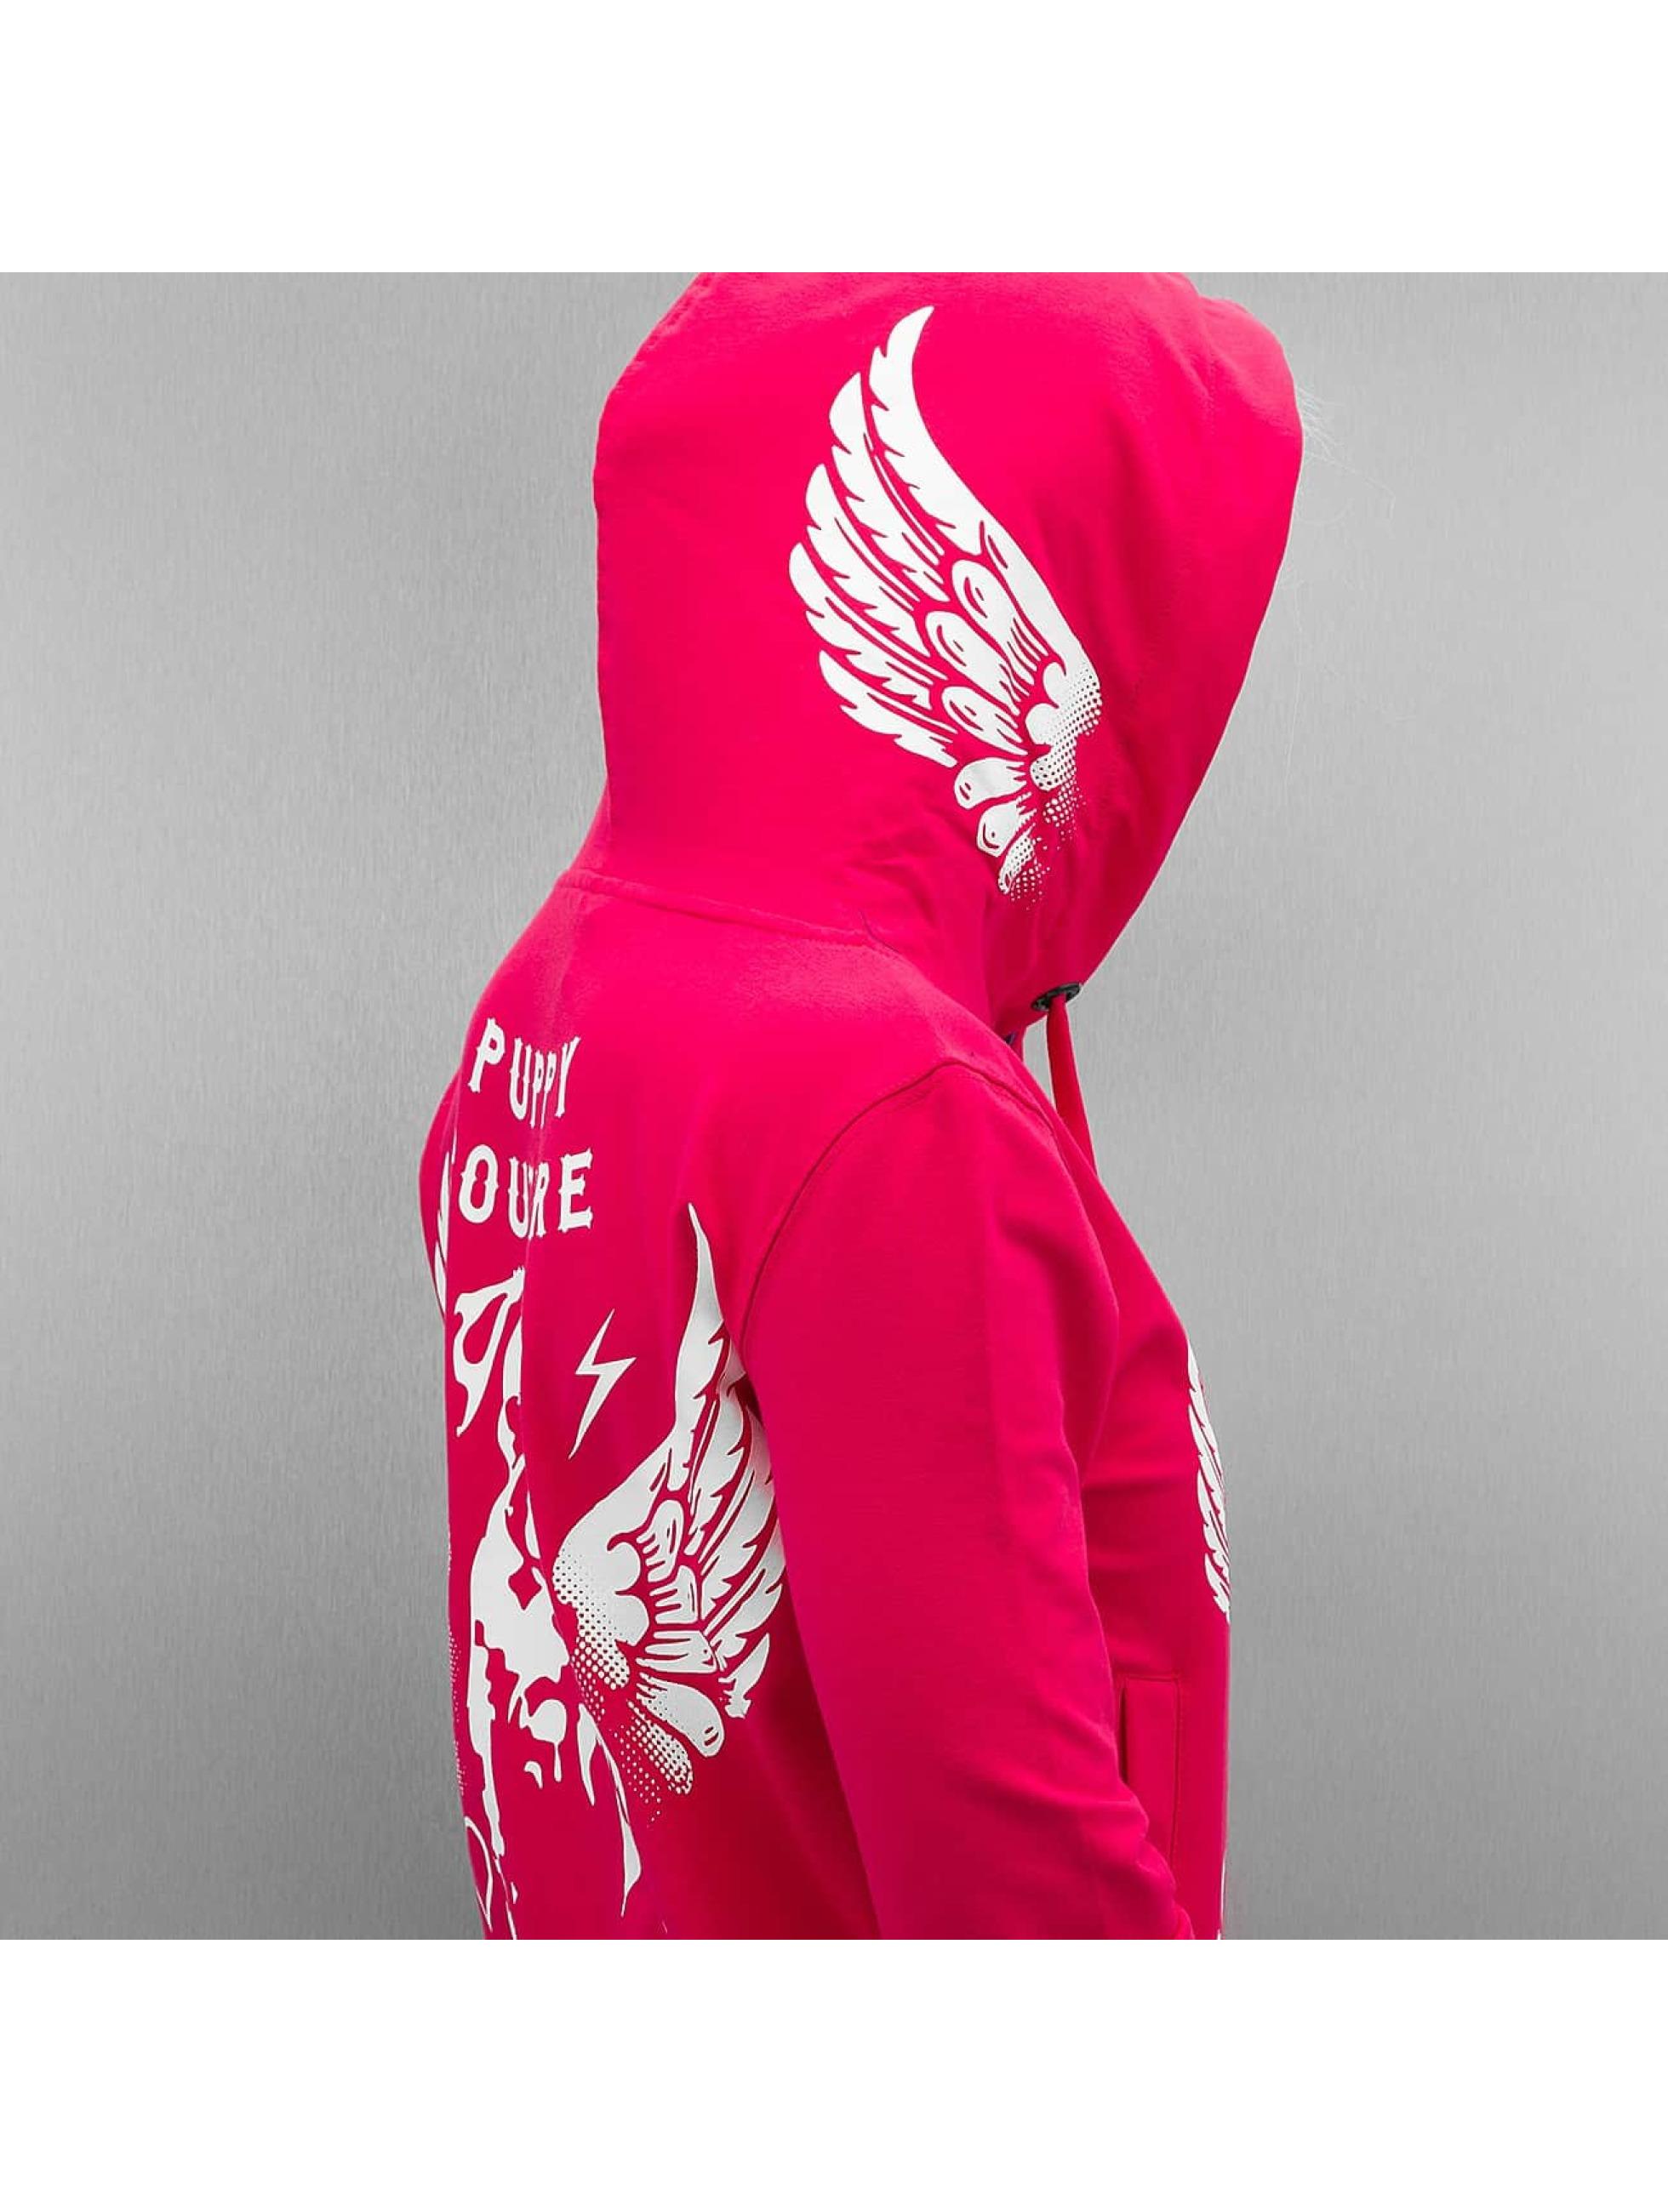 Babystaff Hoodie Helos pink